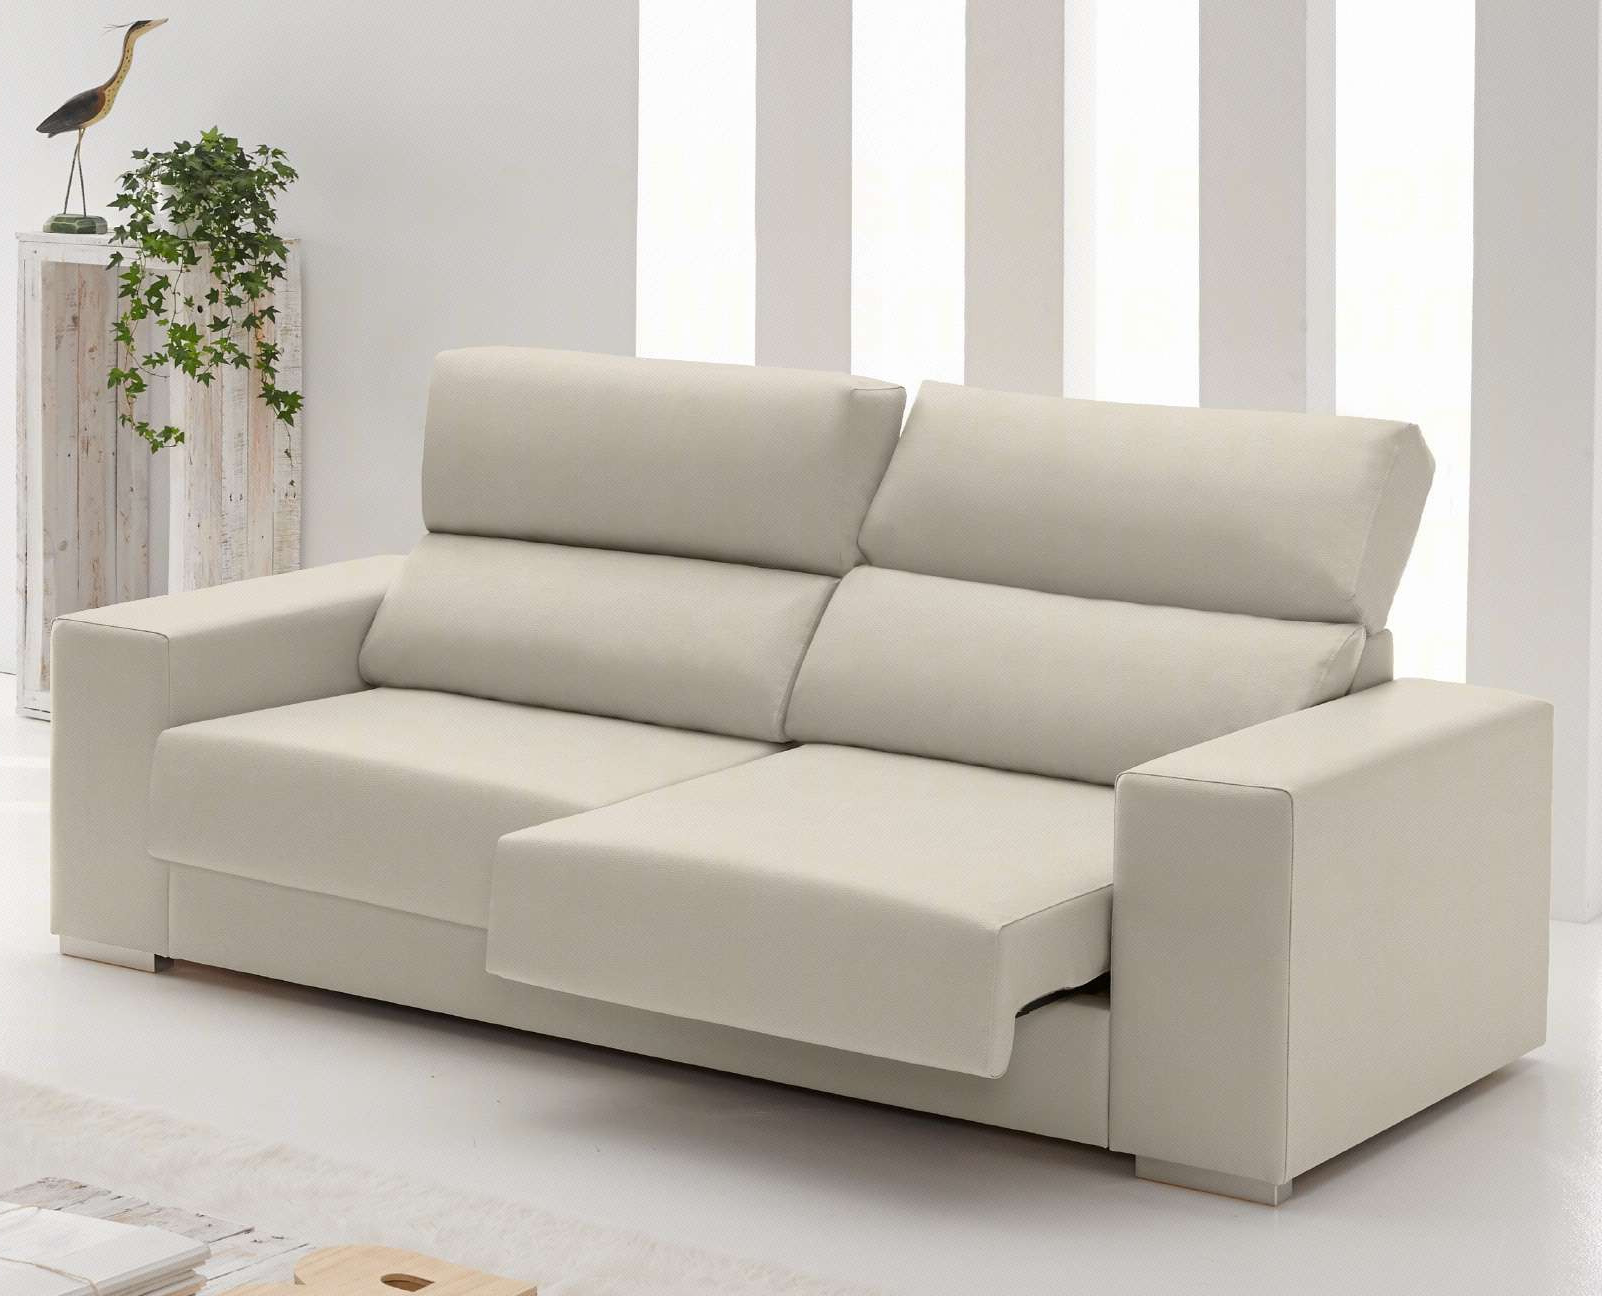 Fundas sofa Baratas Carrefour Fmdf Hermosa Fundas Para sofas Carrefour Decoracià N Hogareà A